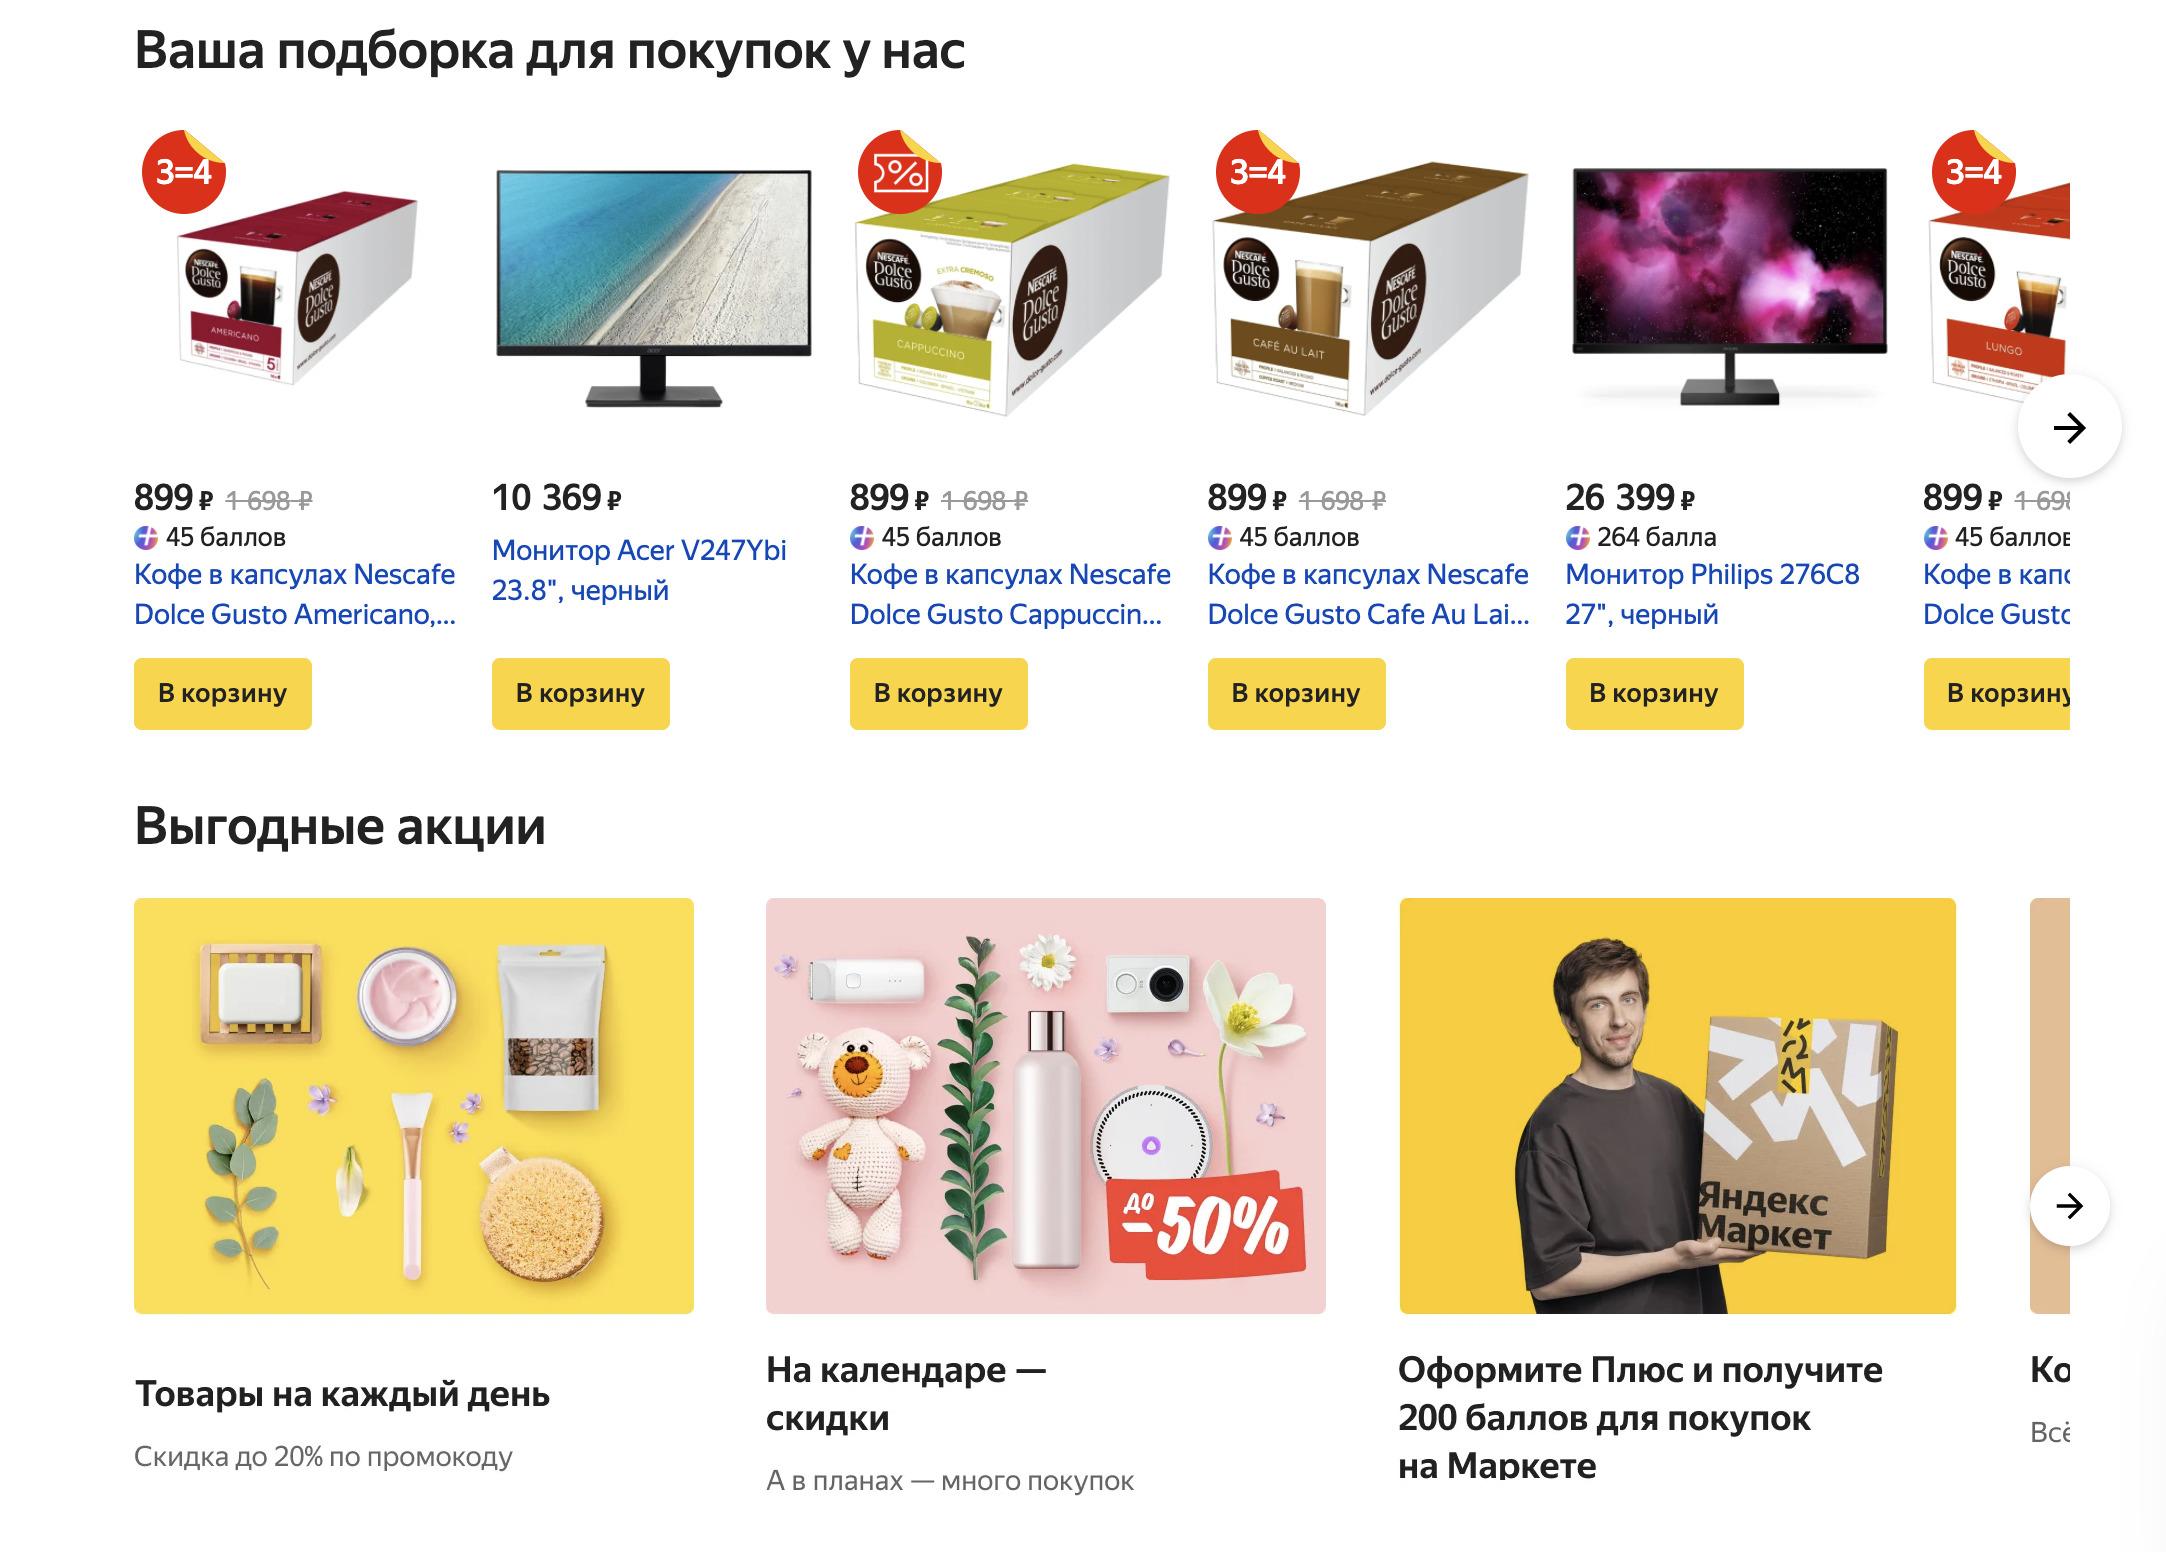 Доставка из Яндекс.Маркет в Новгородскую область, сроки, пункты выдачи, каталог